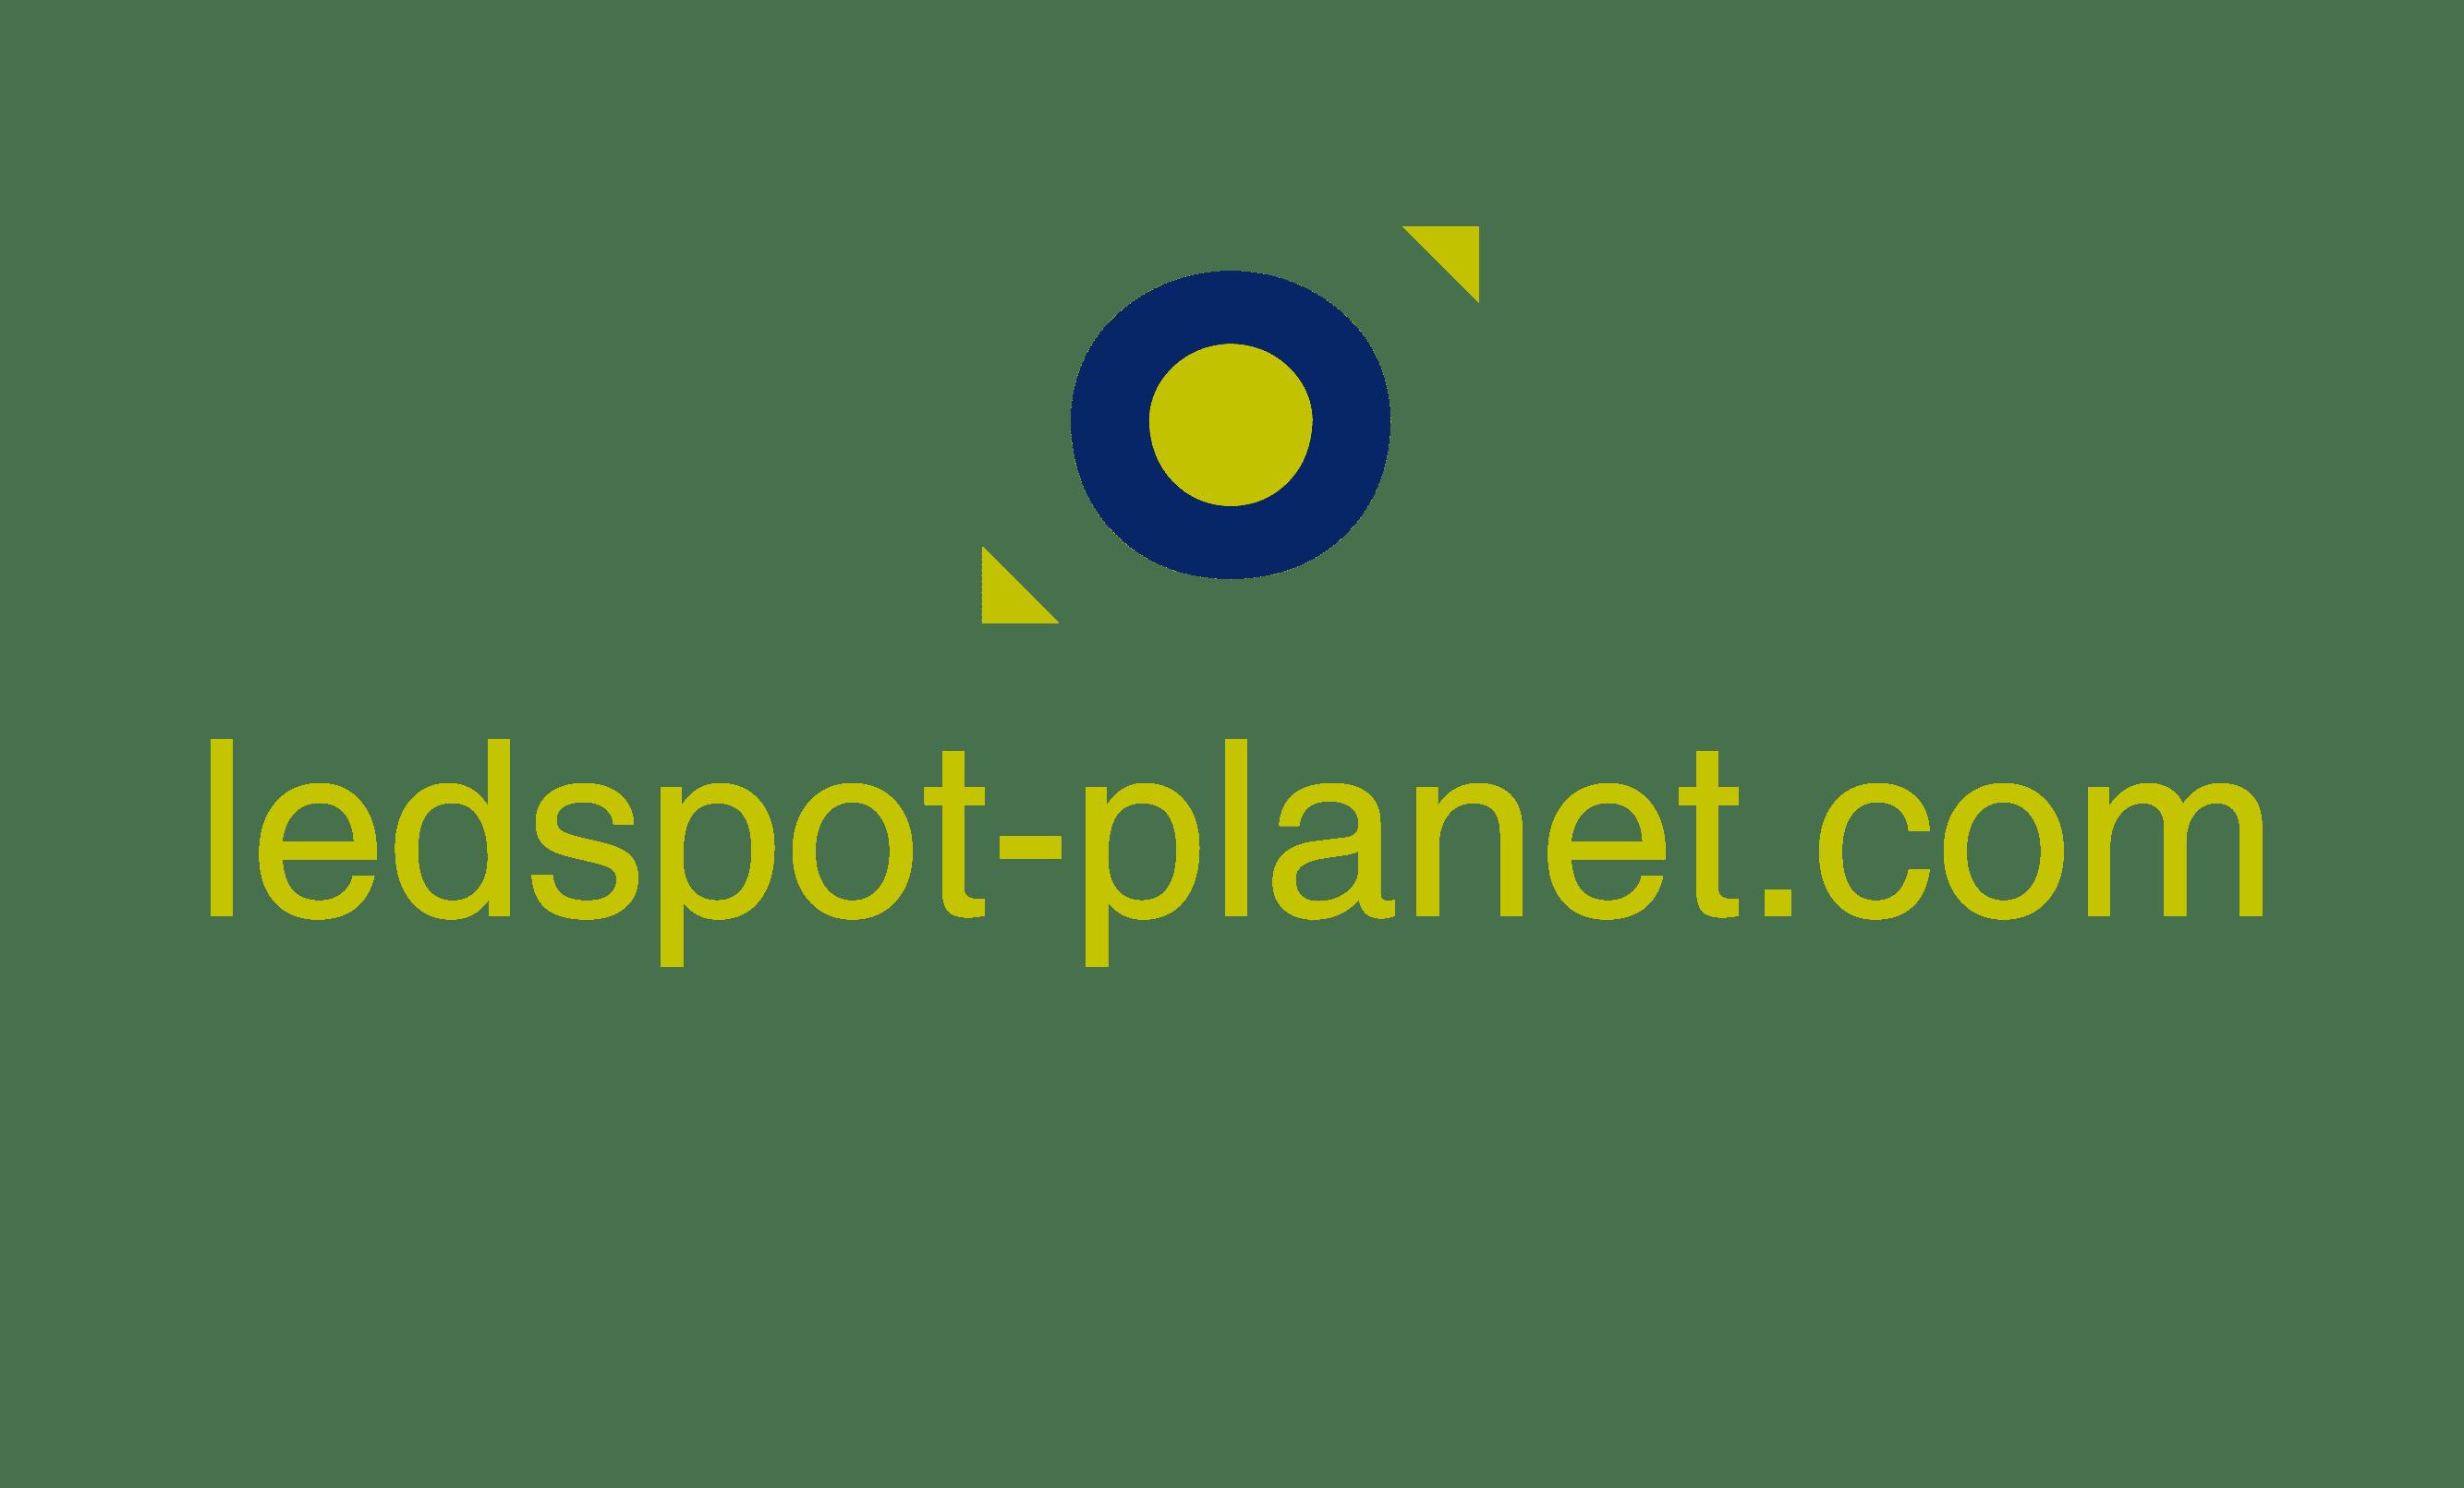 Ledspot-planet